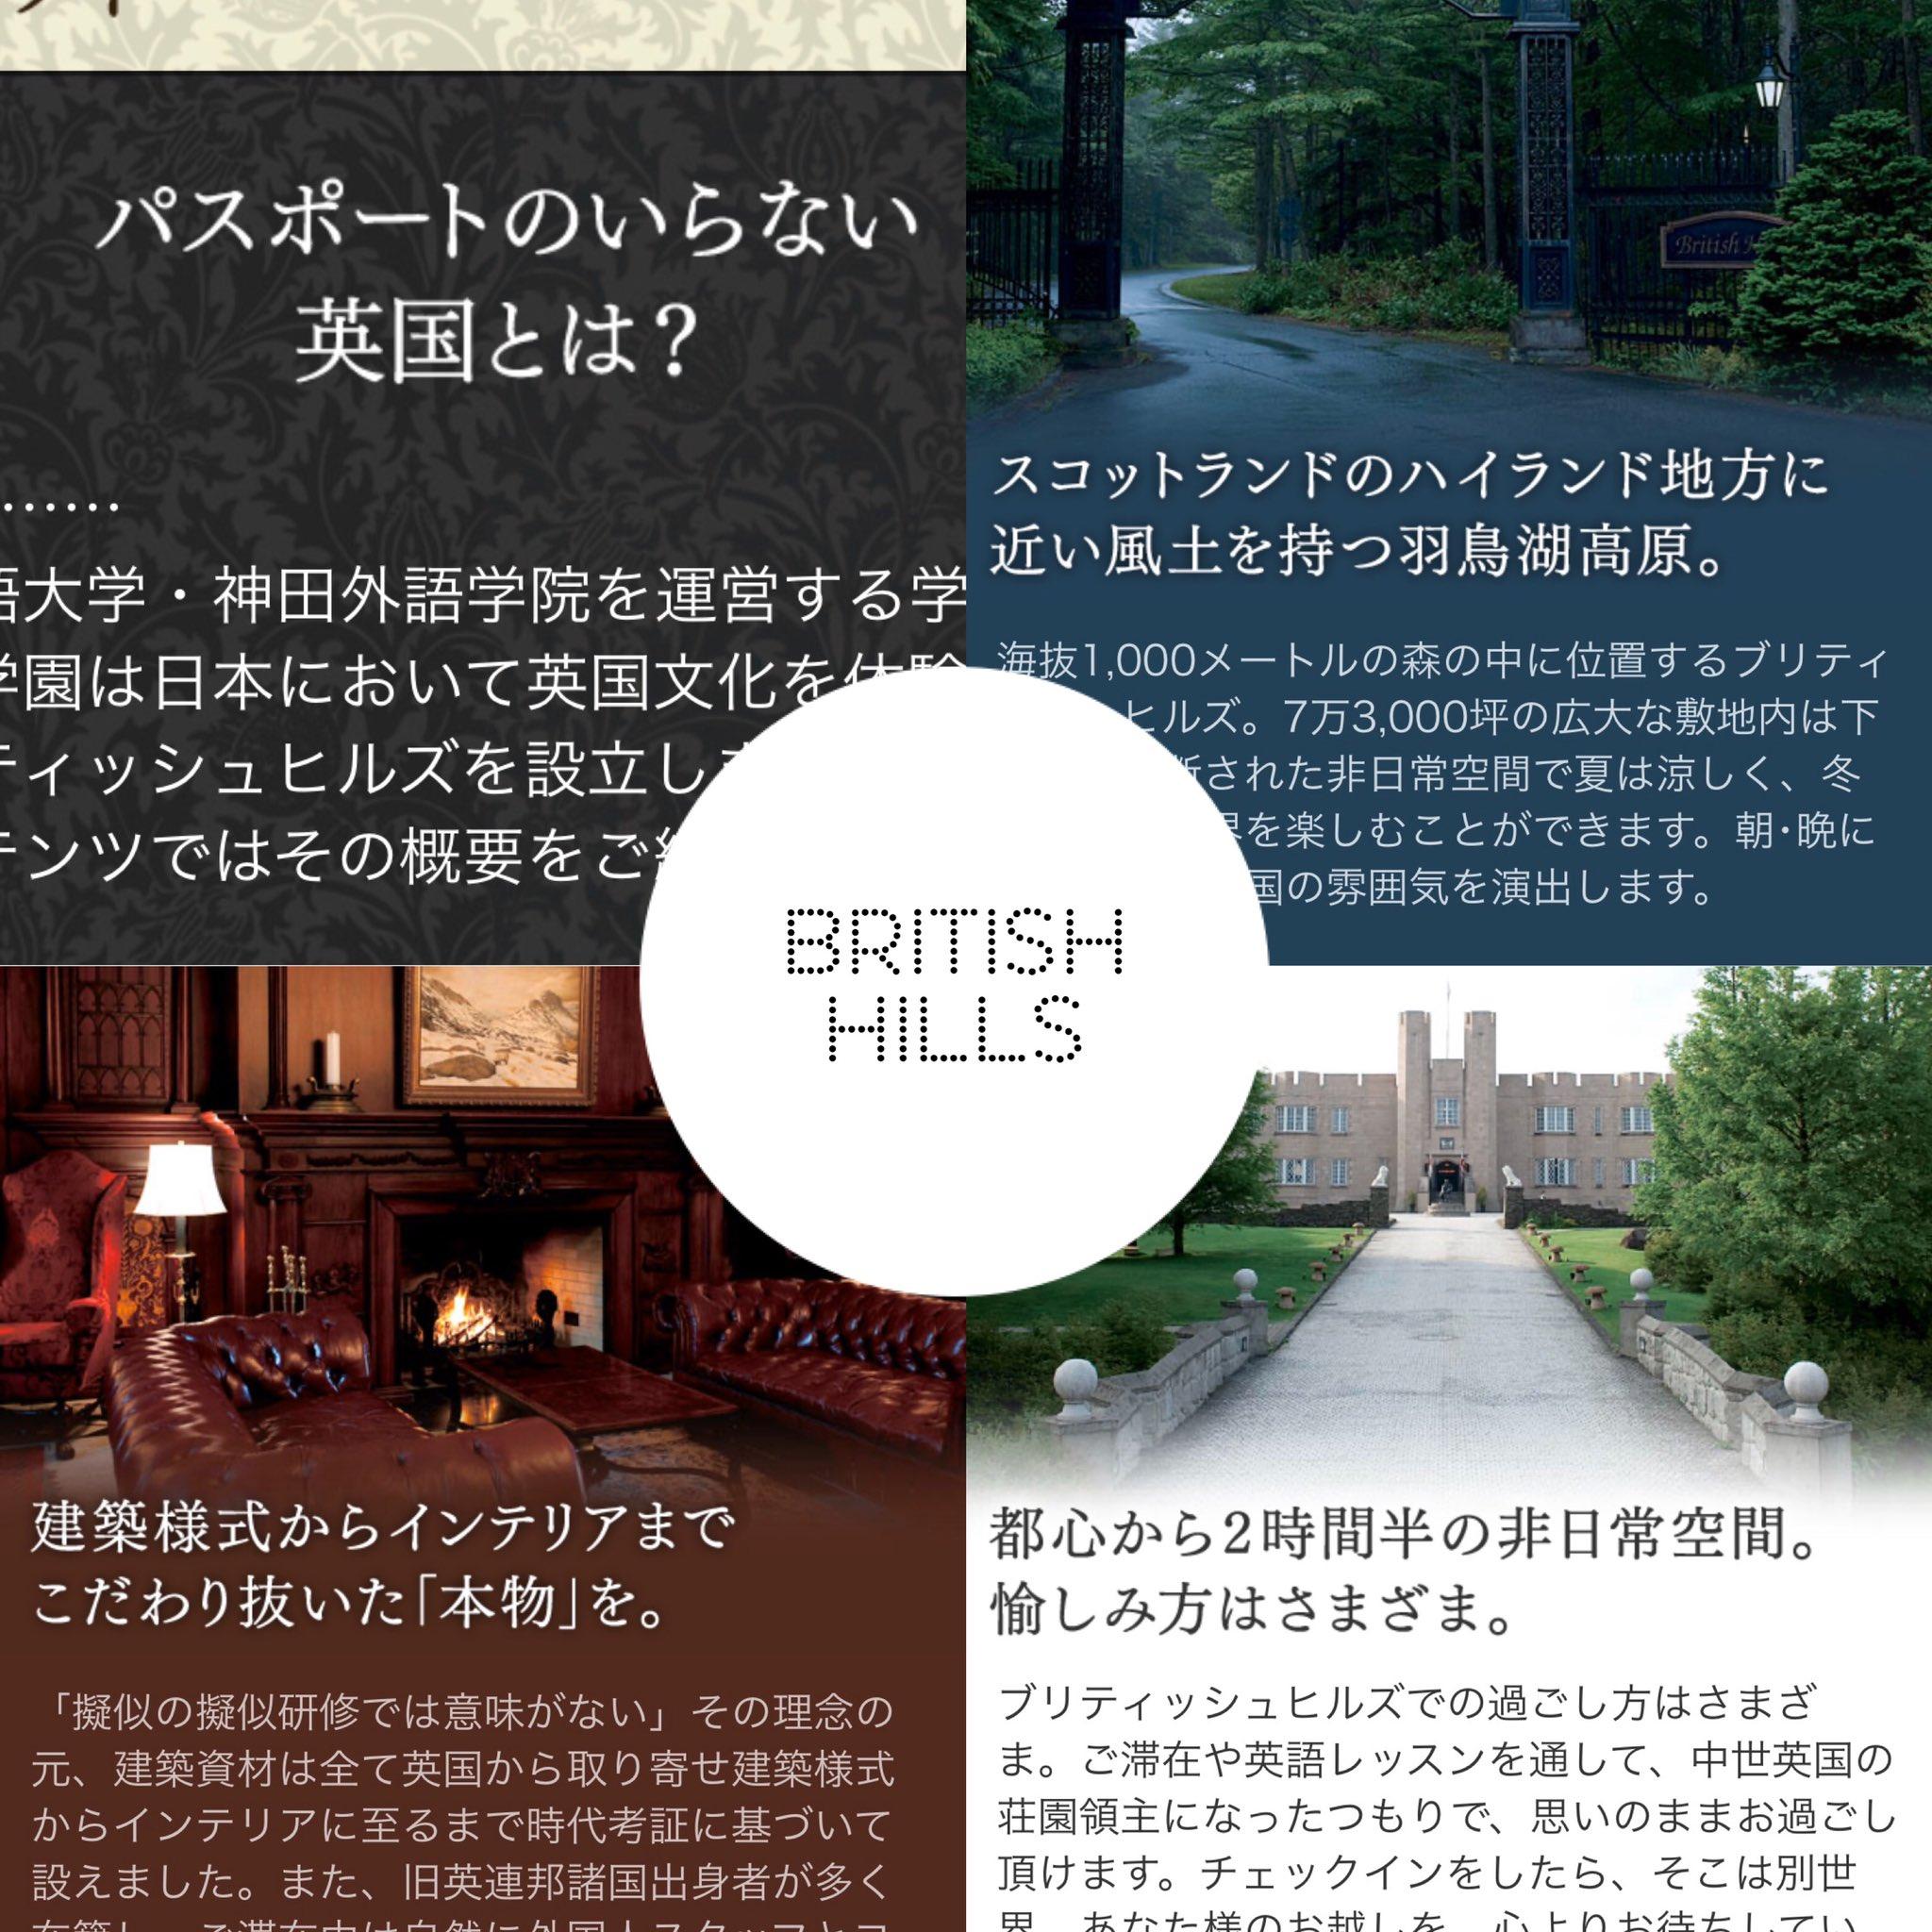 """まって福島にある """"パスポートのいらないイギリス"""" 強すぎない? 街全体が中世英国らしくて素敵すぎるのにその上カルチャーレッスンも受けられる…… パブいったりアフタヌーンティーしたり英会話習いたい…"""